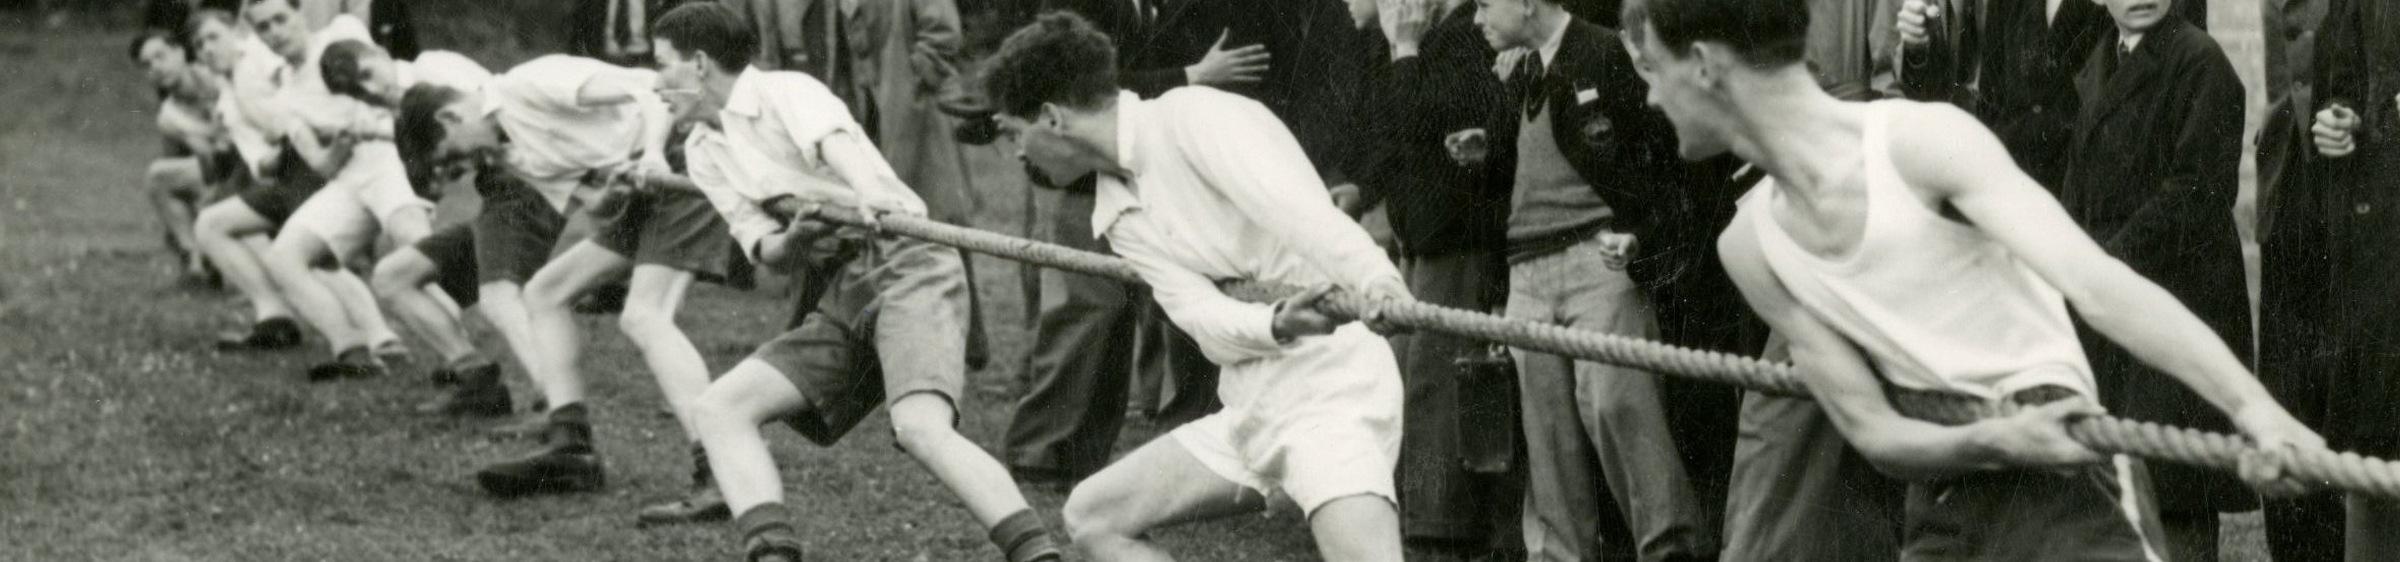 Men playing tug of war